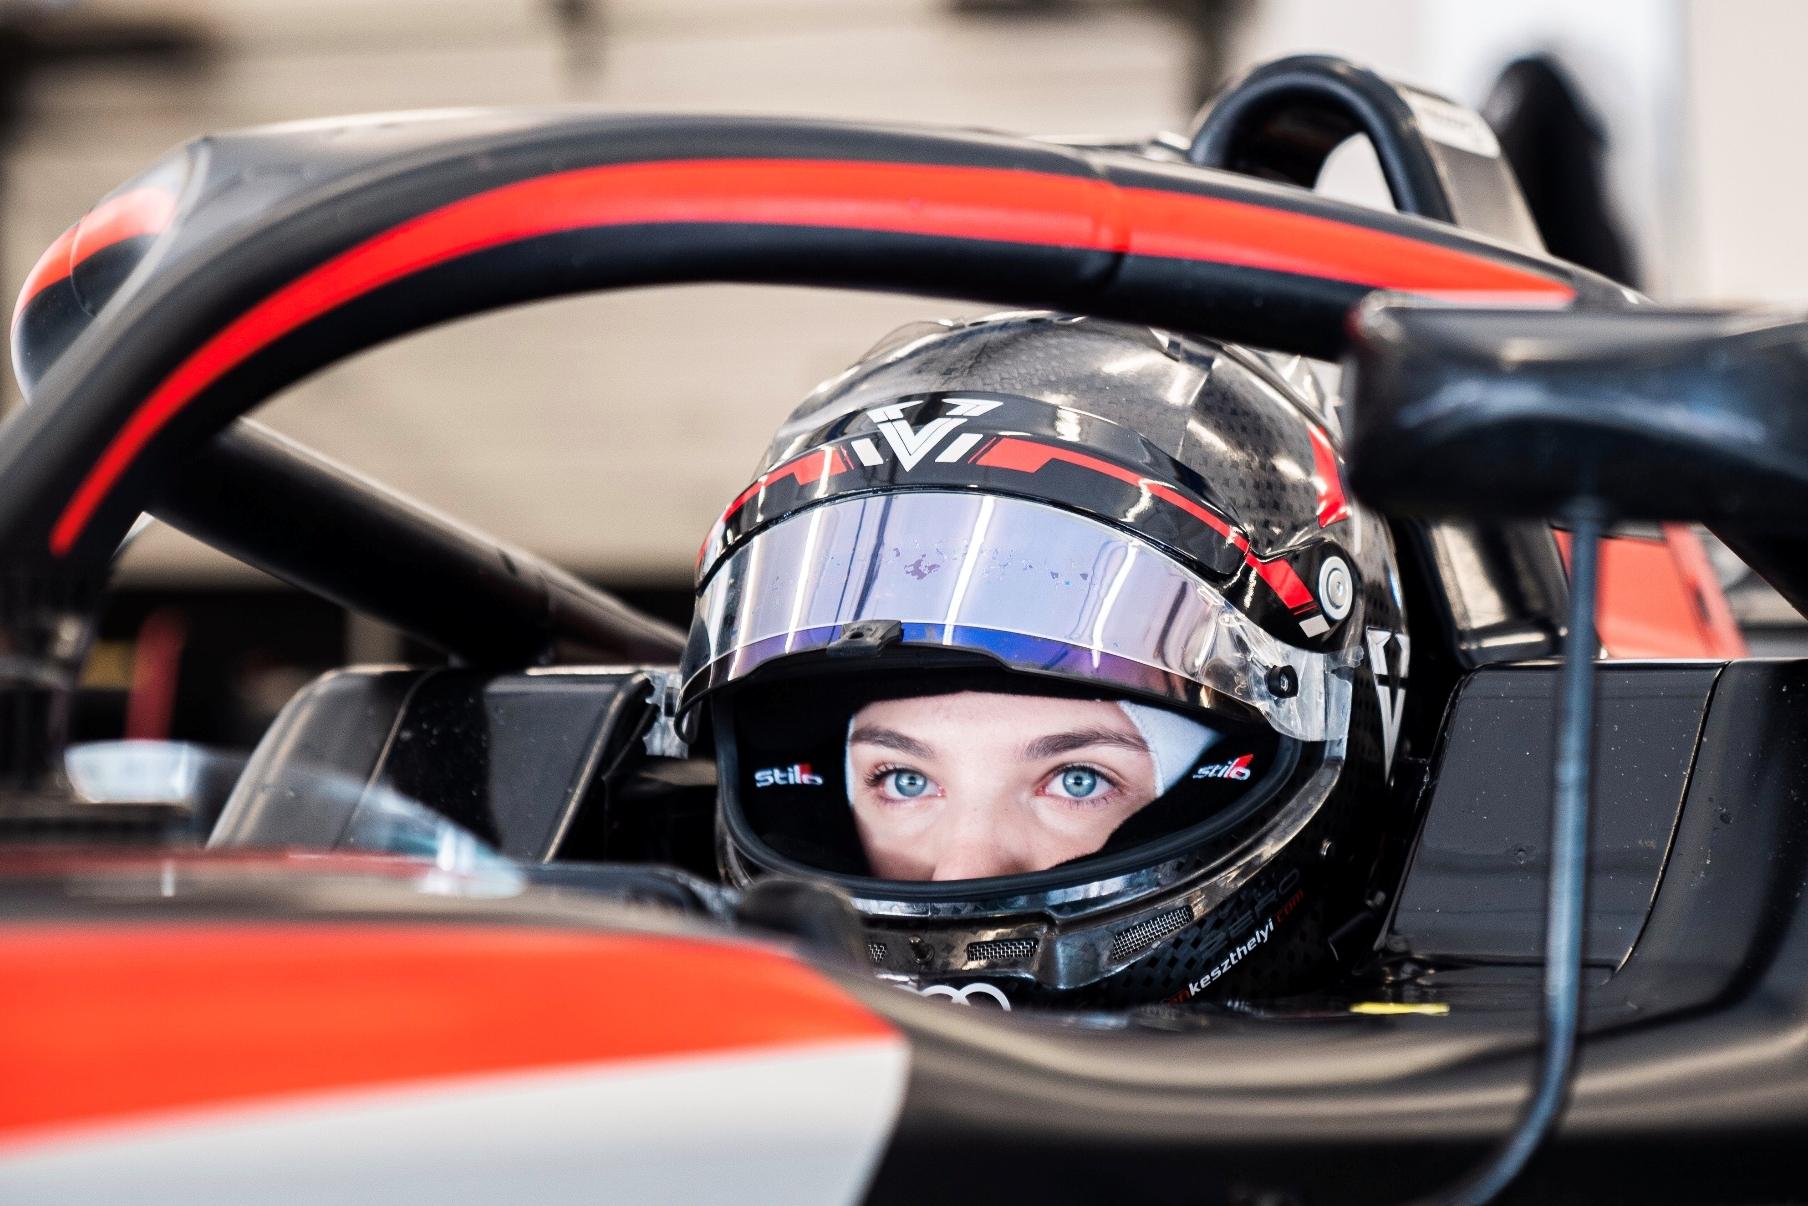 Új lehetőségek nyílhatnak meg a GP2-es bajnokcsapattal tesztelő Keszthelyi Vivien előtt